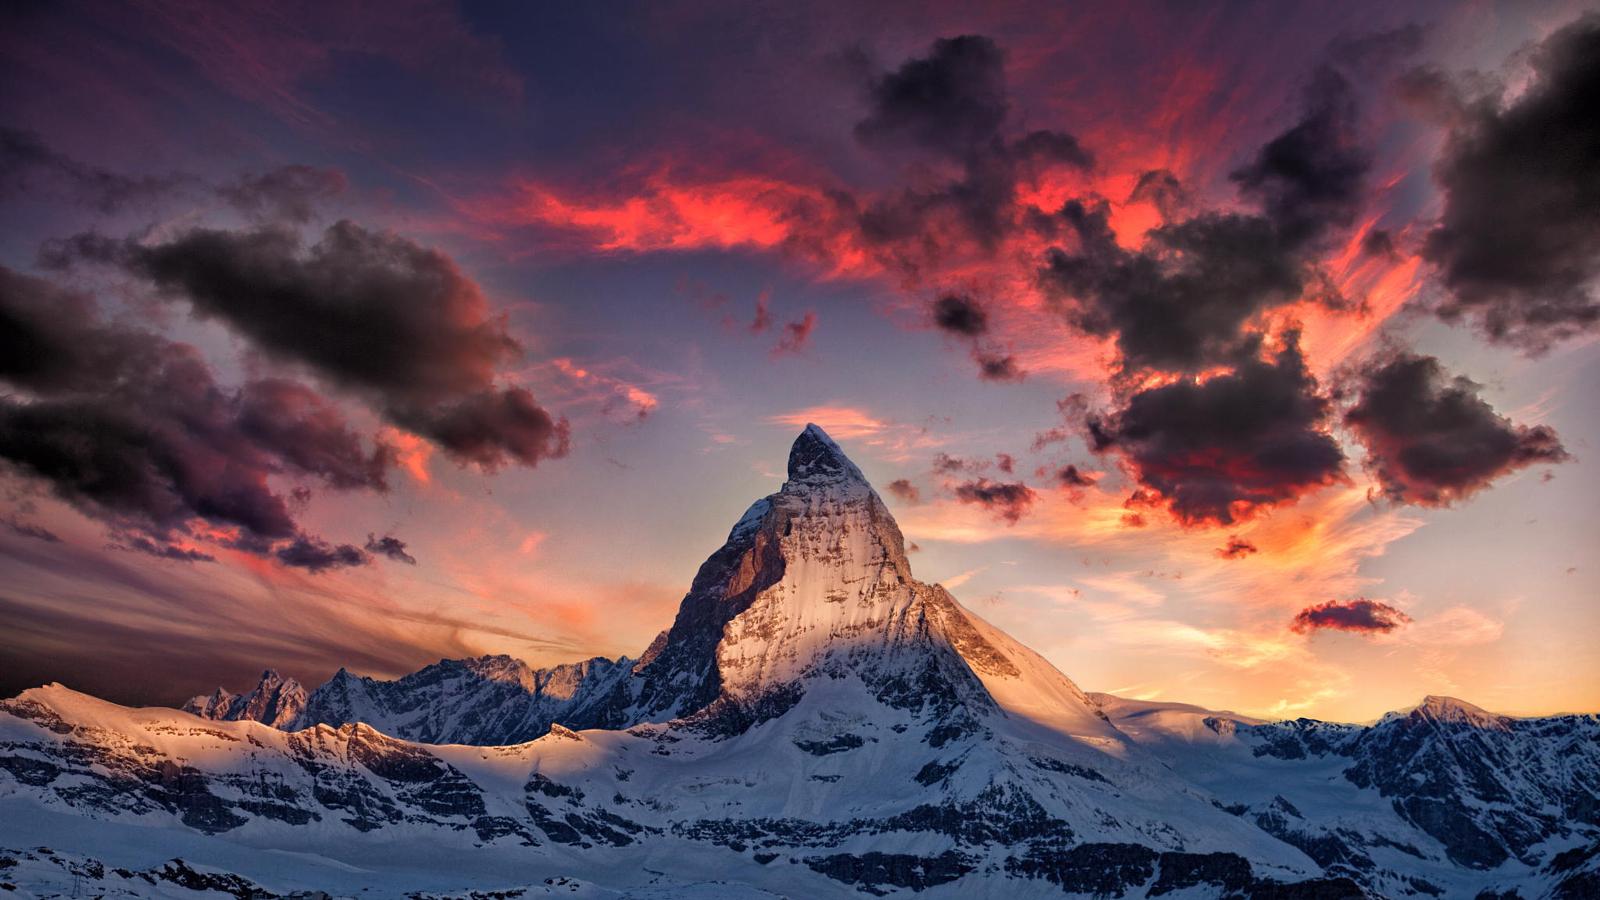 Самое интересное Только для девочек : Пуховые одеяла